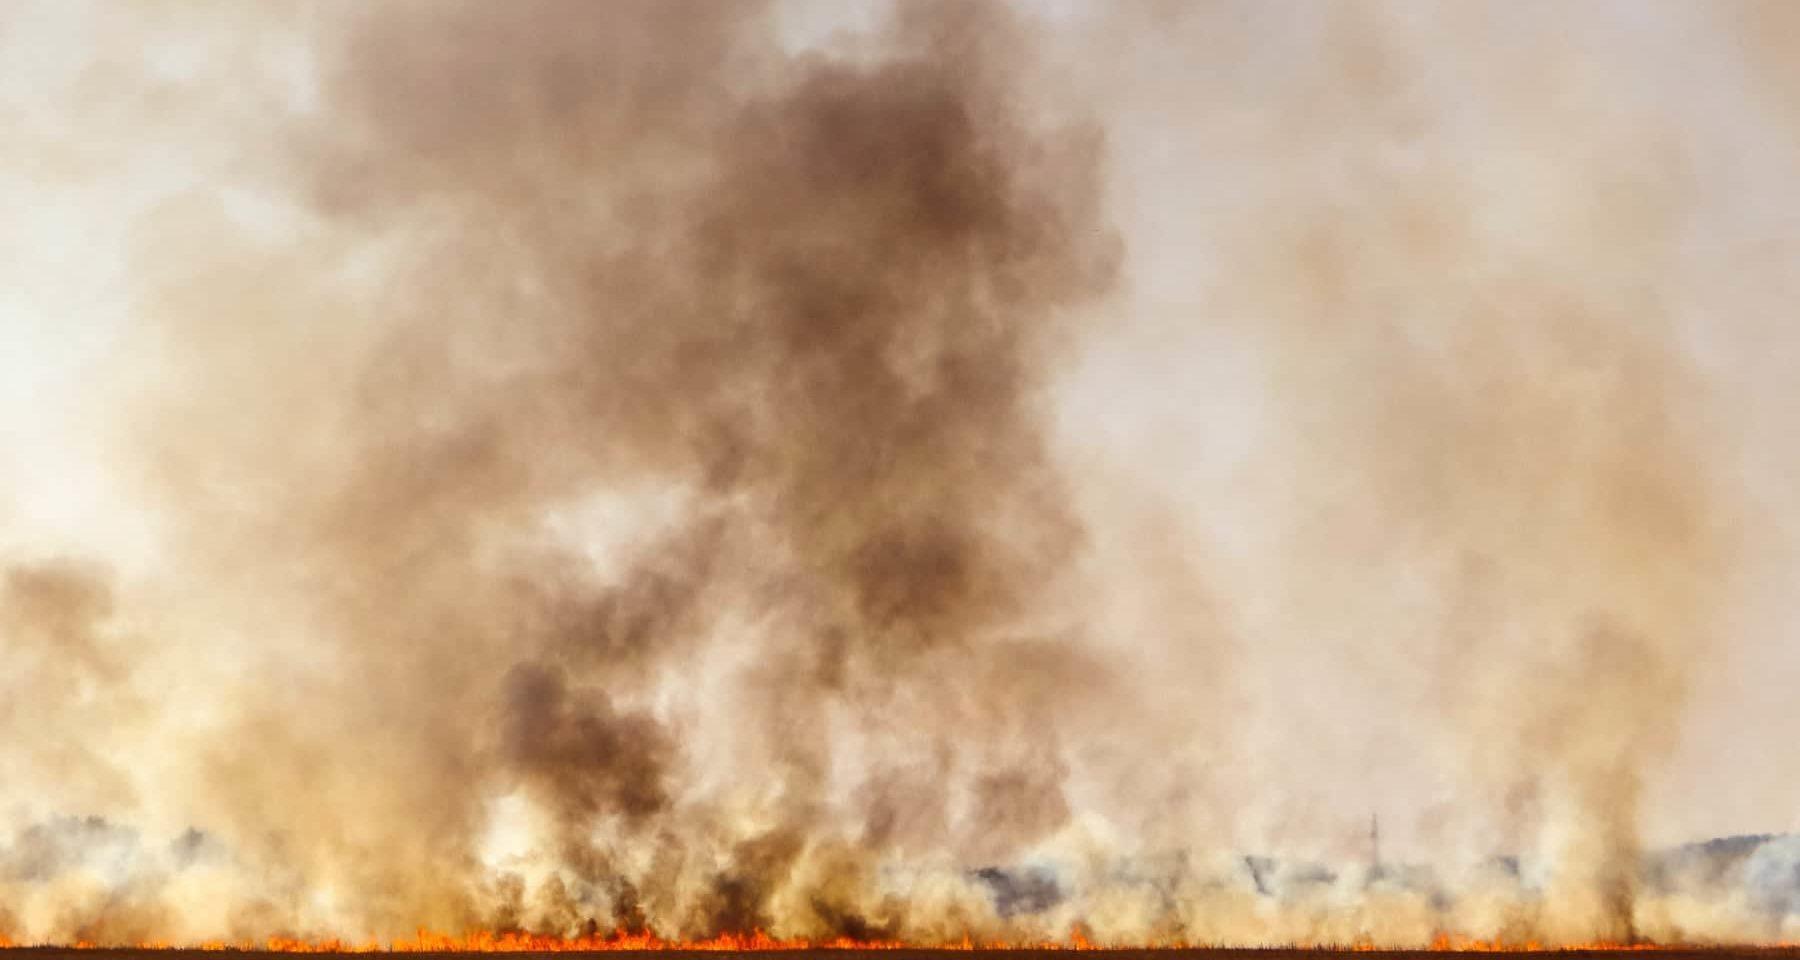 Verbrannte Erde Hinterlassen